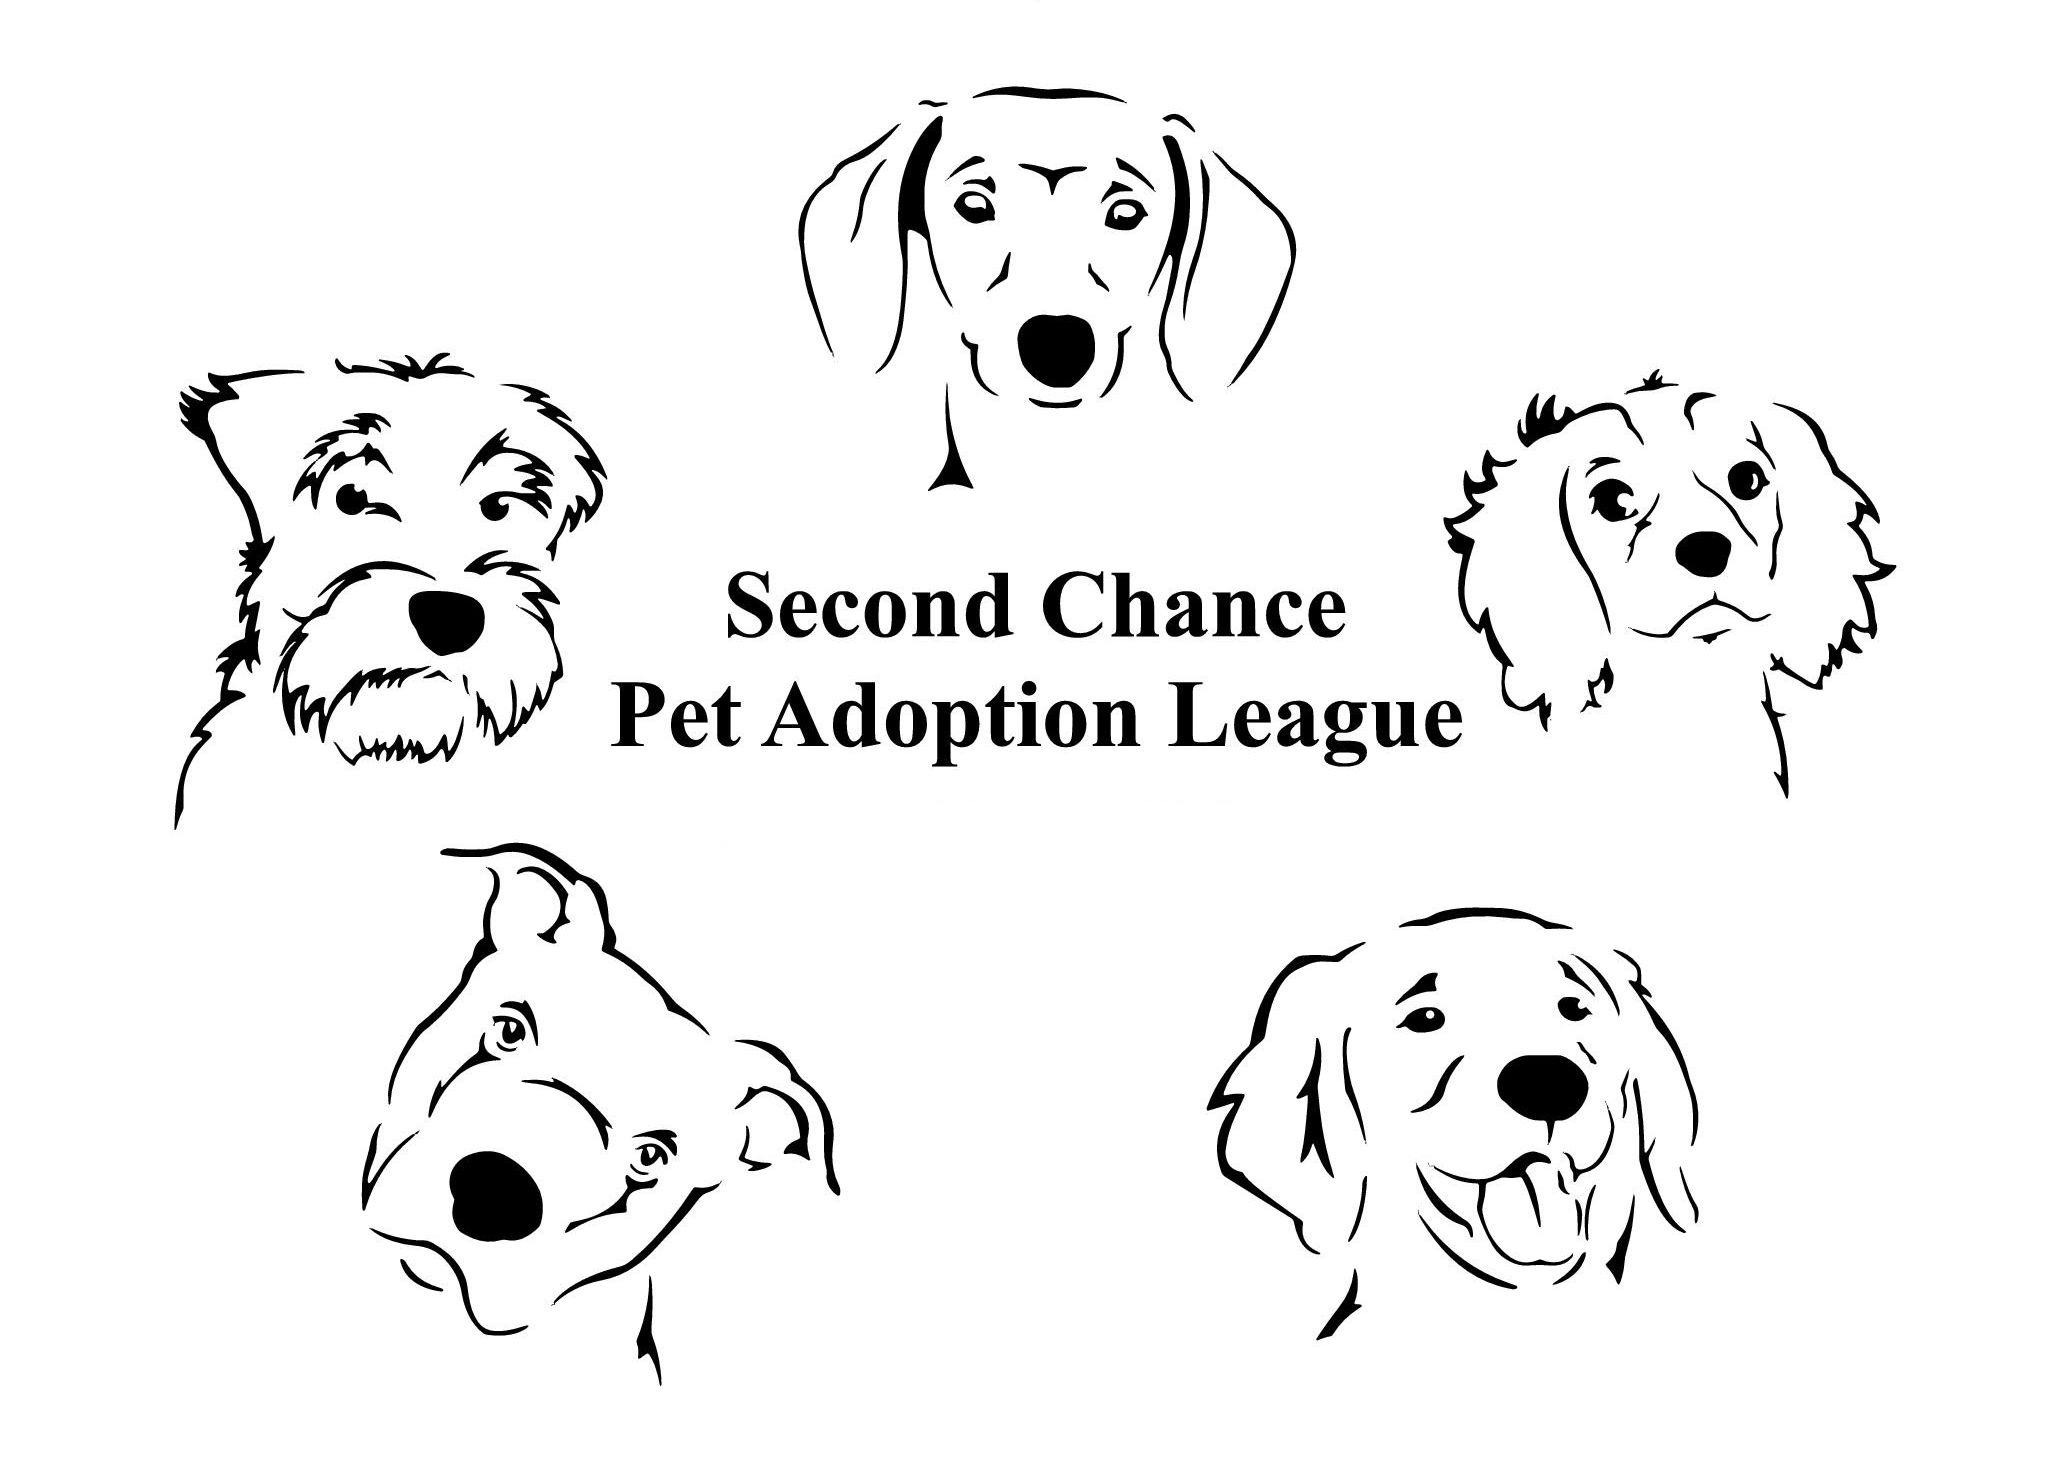 Second Chance Pet Adoption League